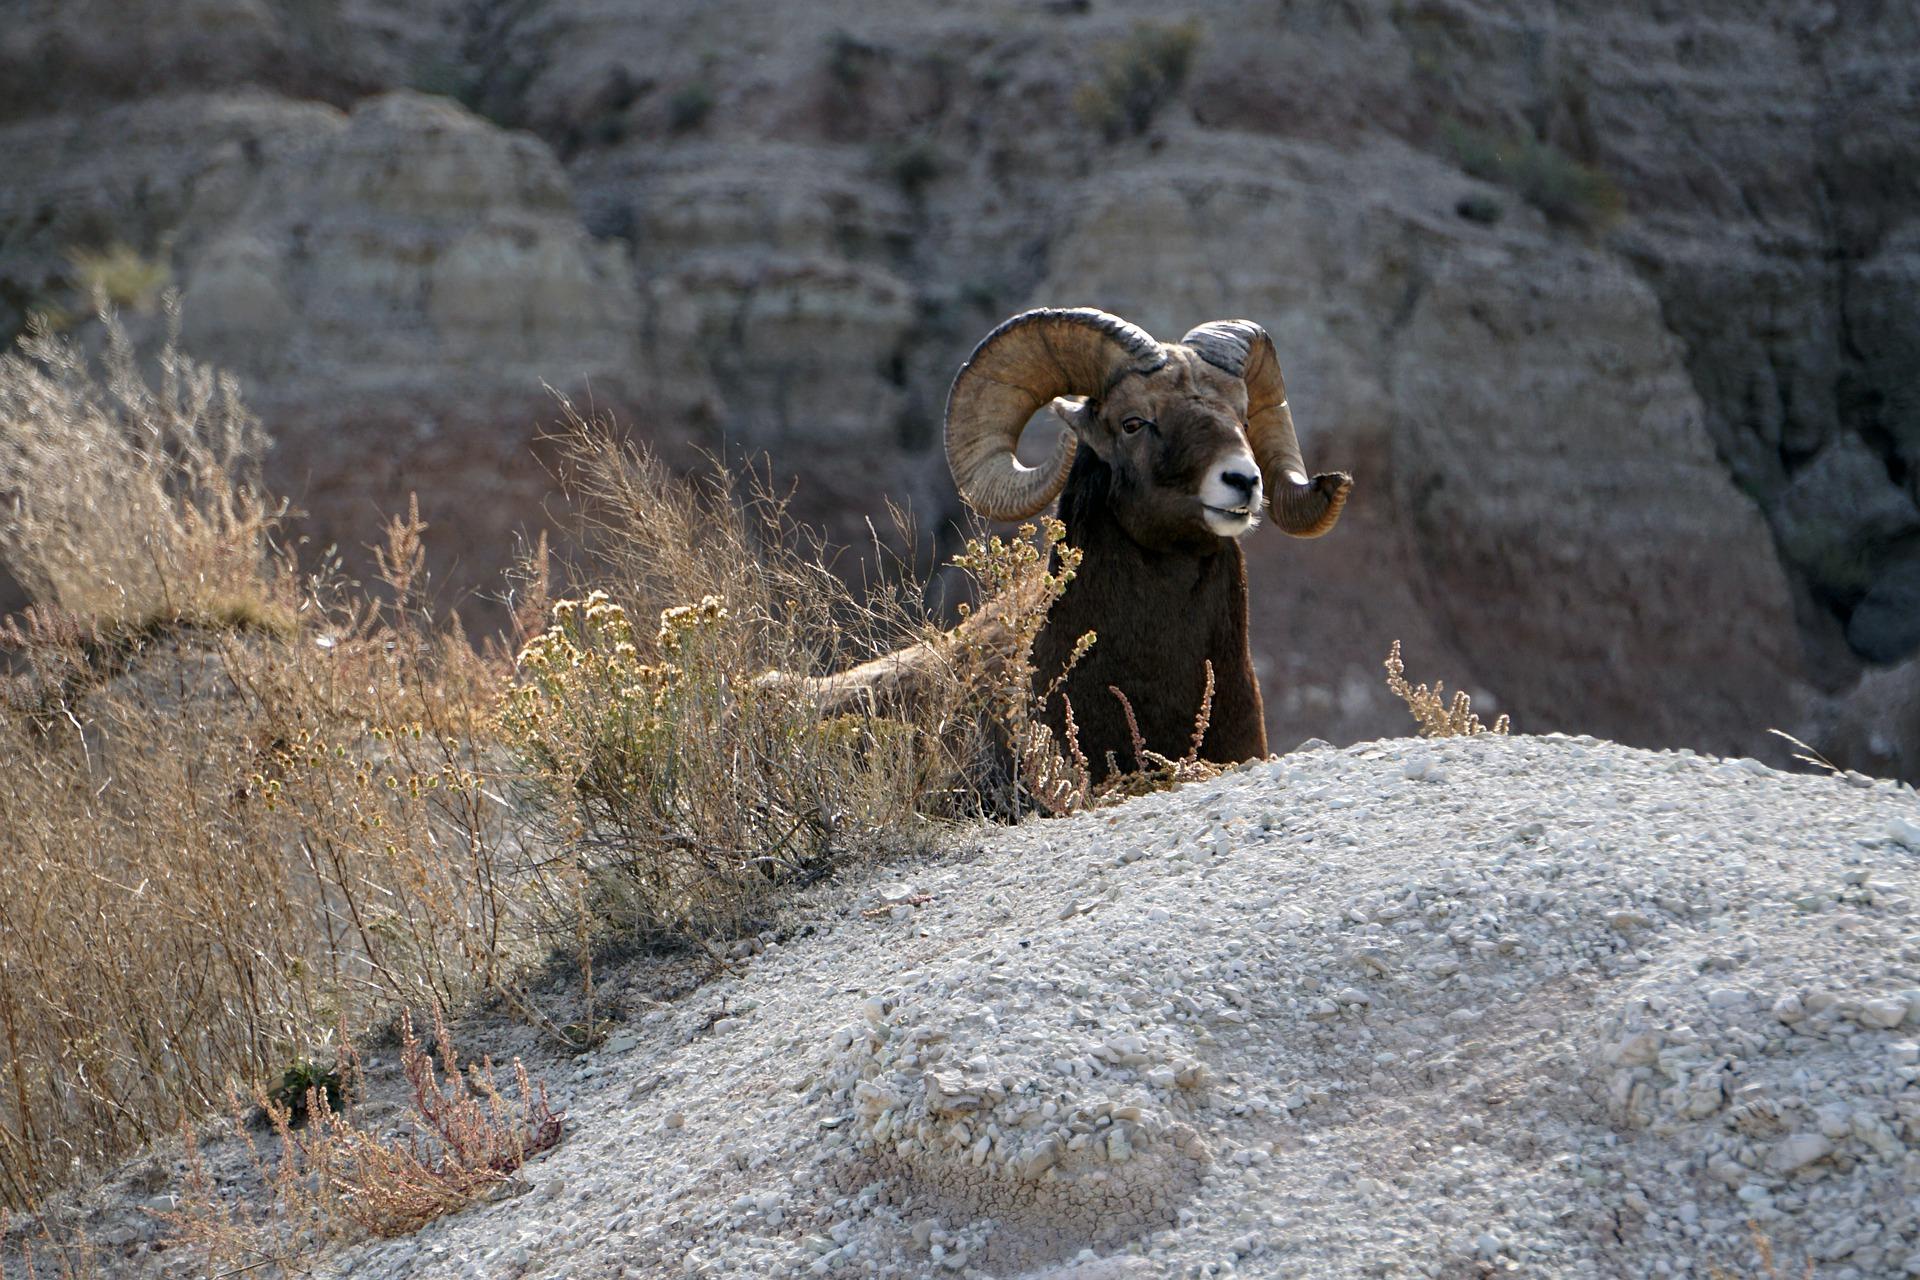 На Алтае руководителя экологического фонда задержали во время охоты на краснокнижных баранов